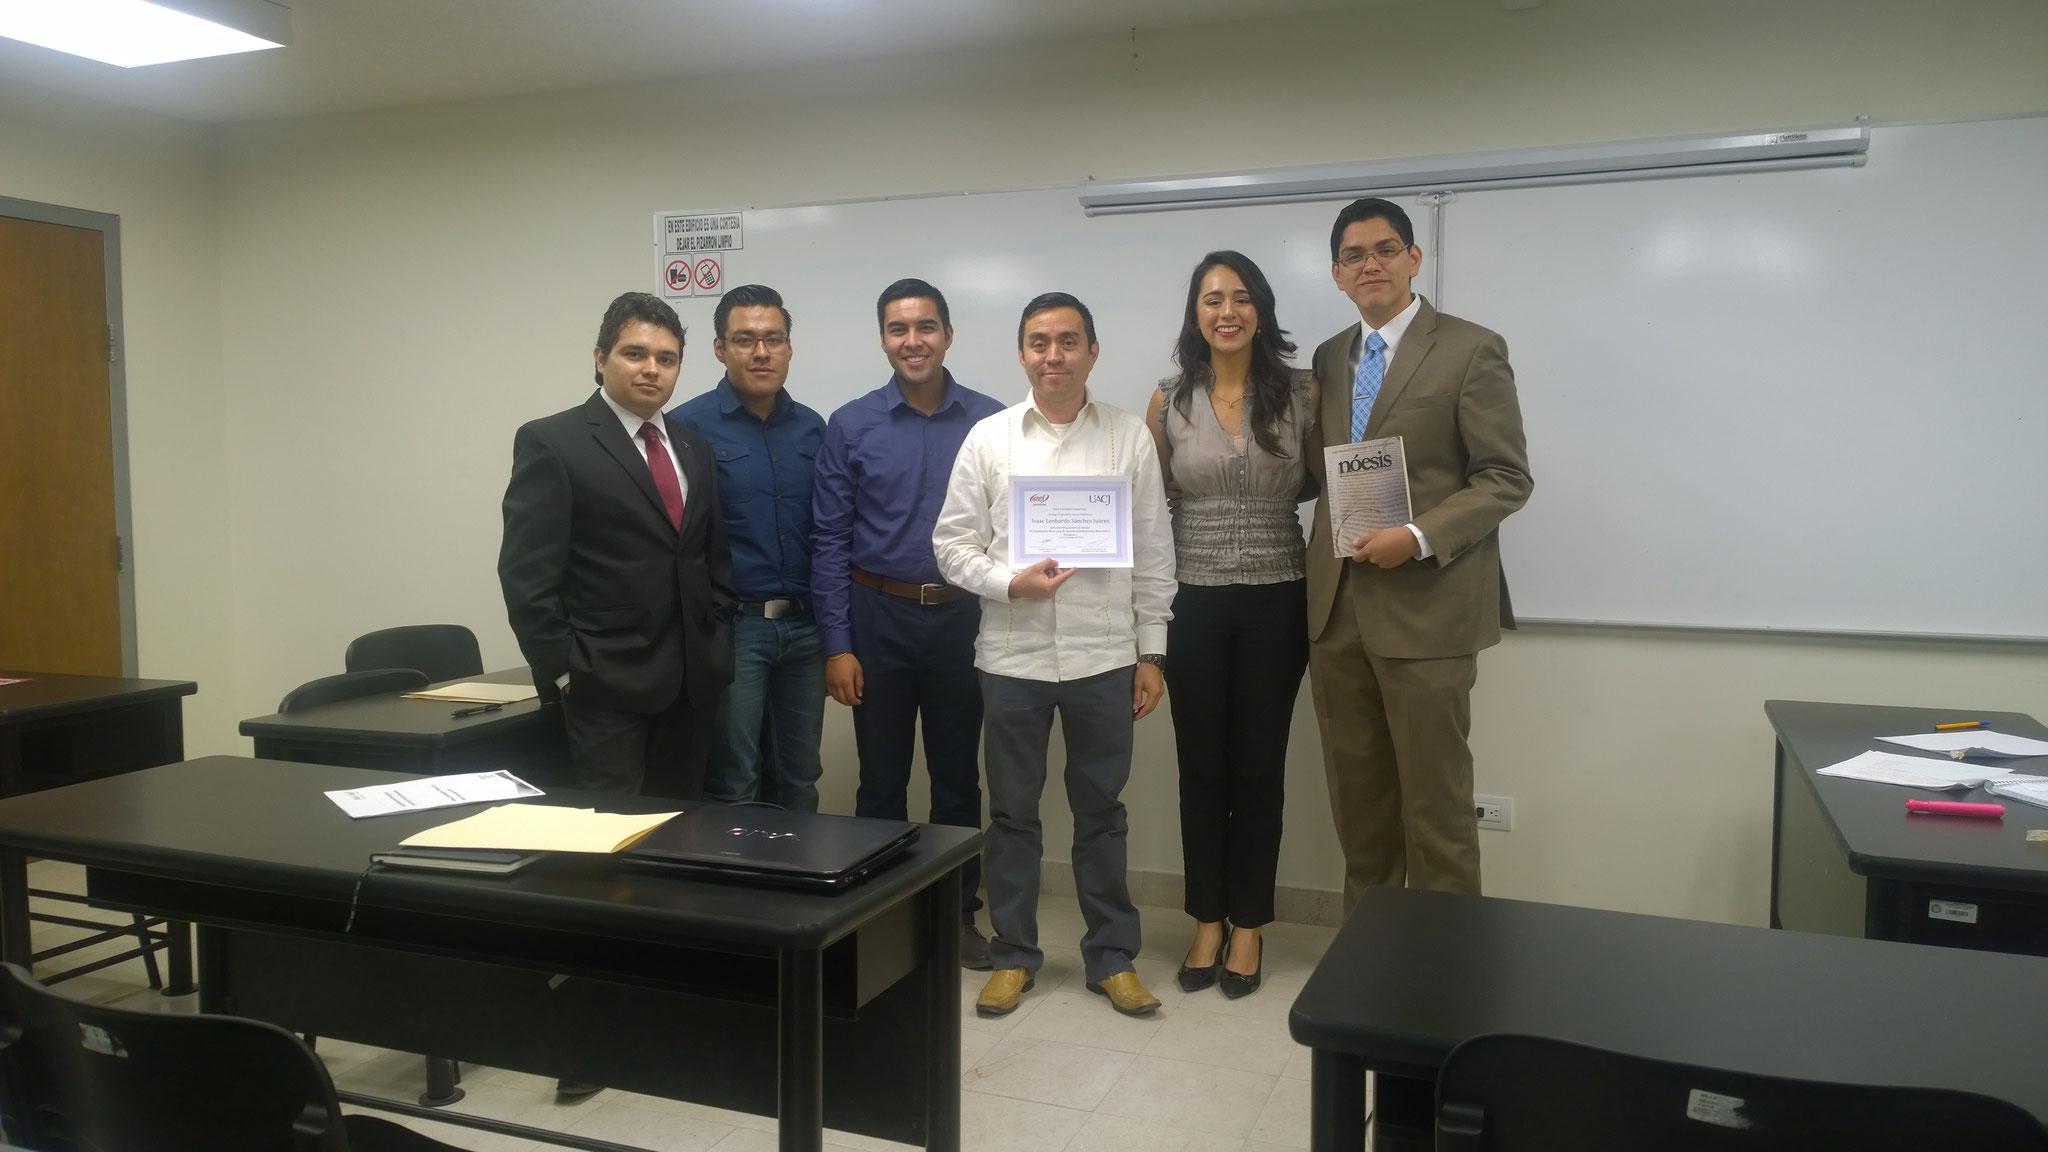 Con IMEF universitario, 2016.